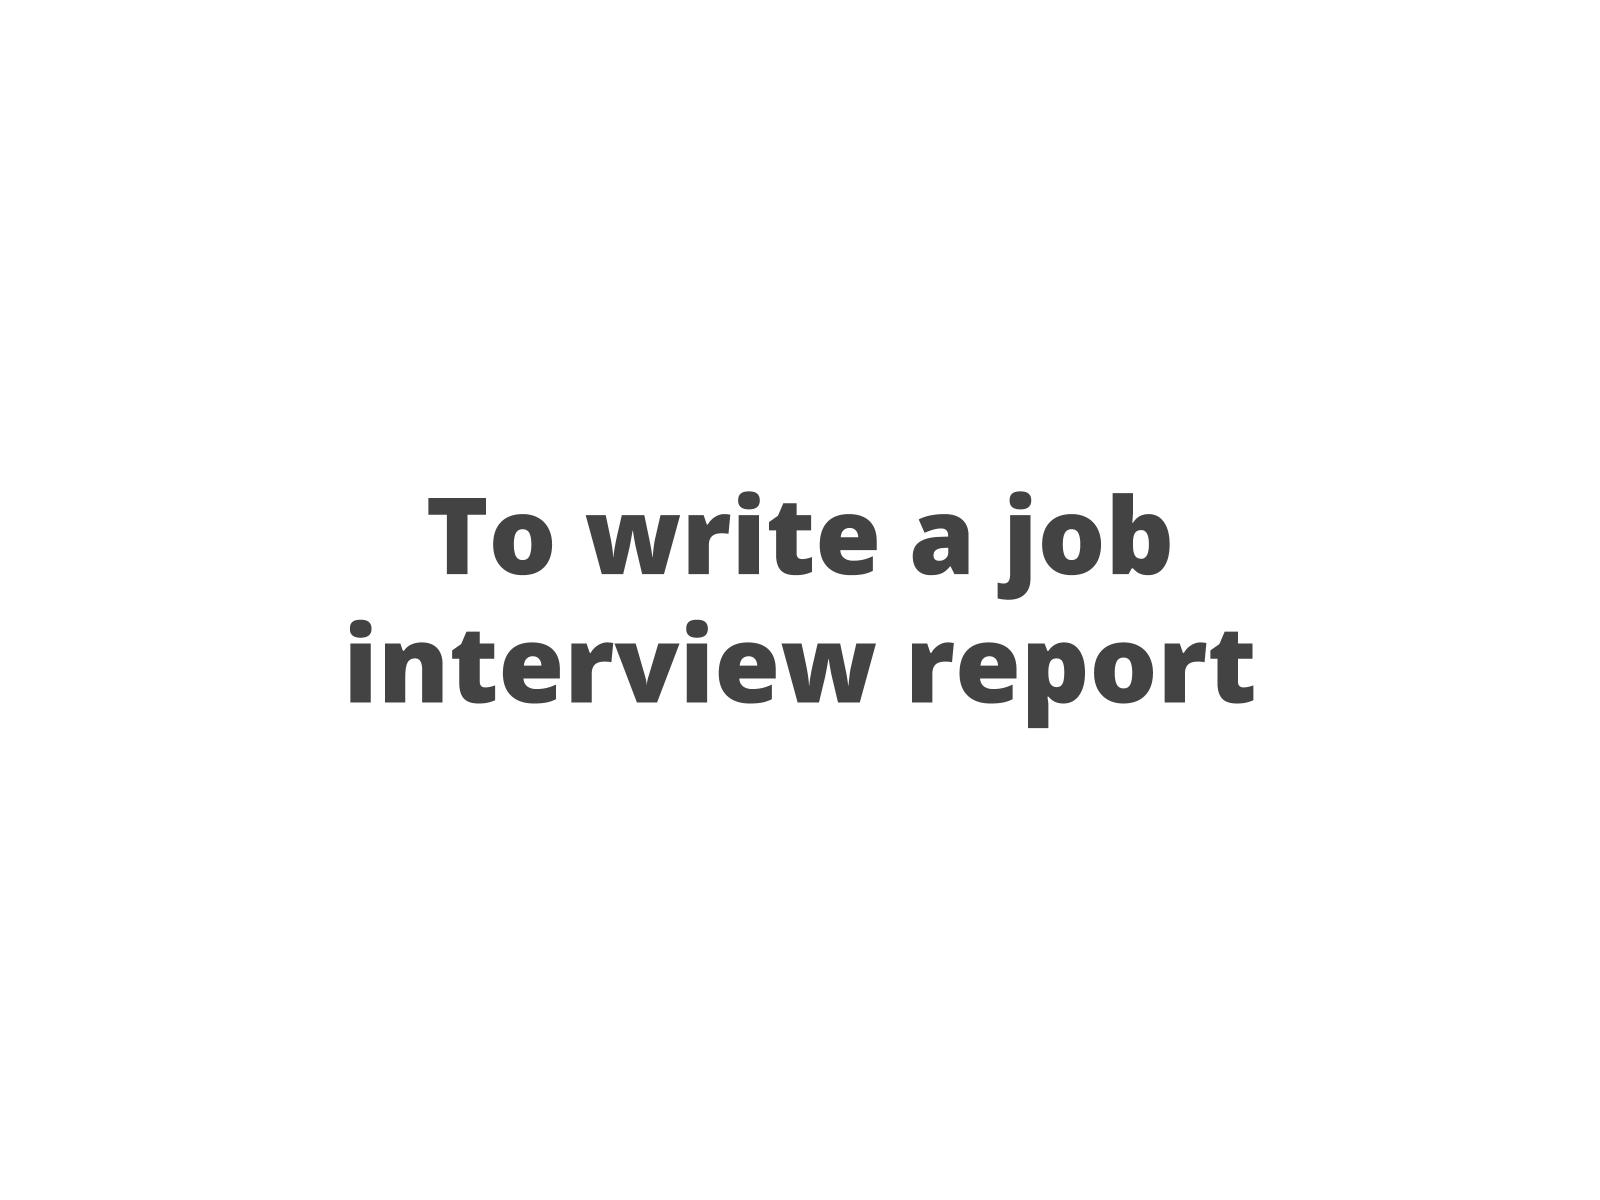 Job interview report